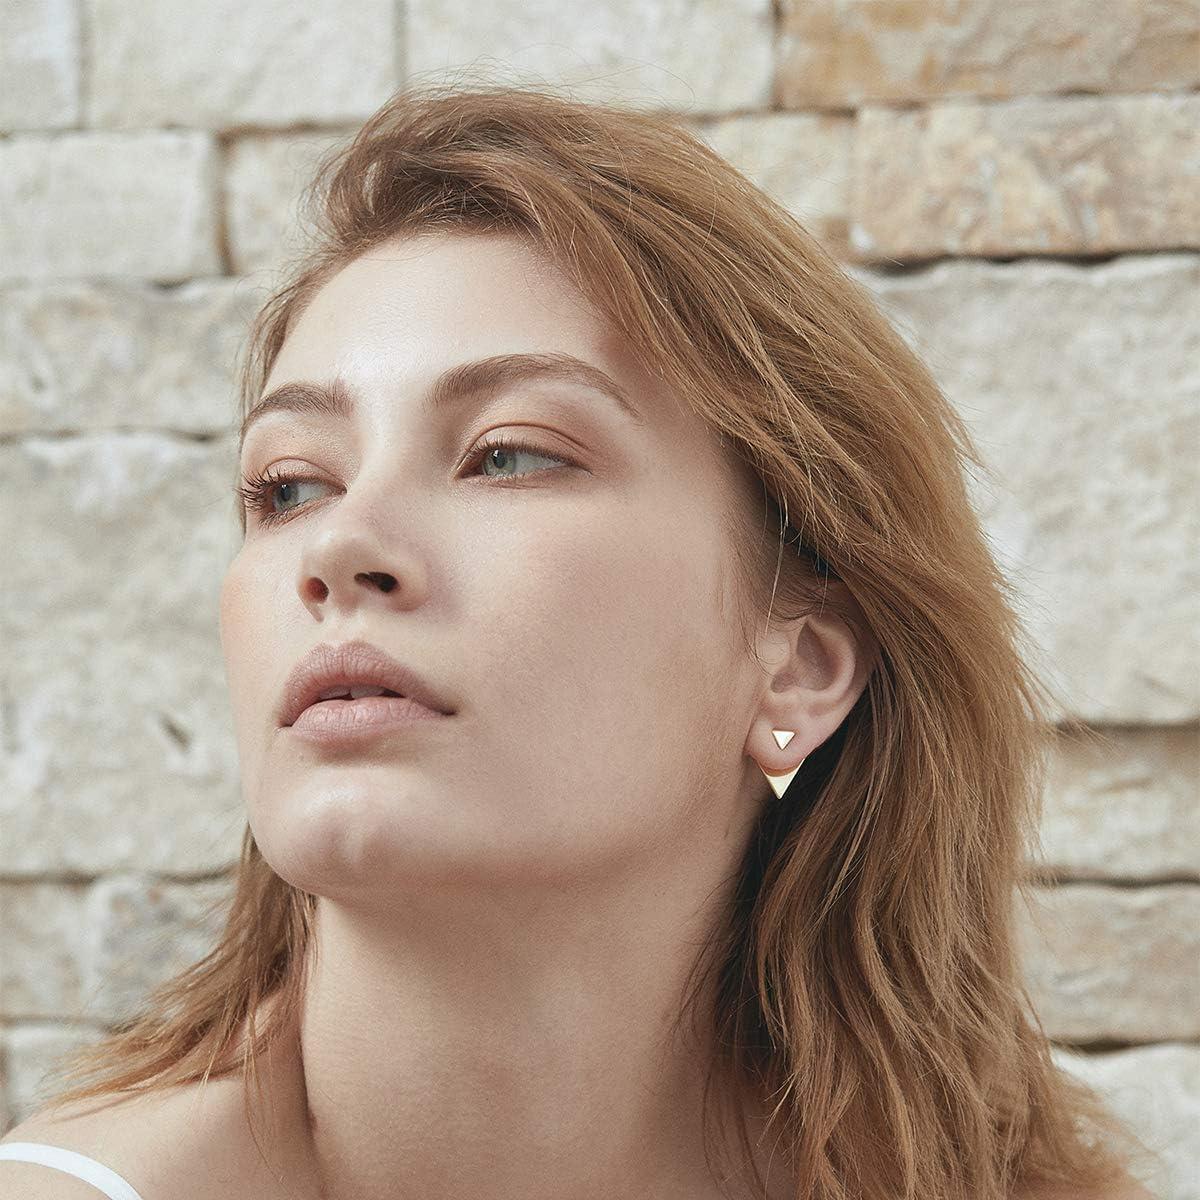 14K Gold Plated Unique Piercing Stud Earring Ear Jacket Dangle Earrings for Women/… Open Triangle Geometric Earring